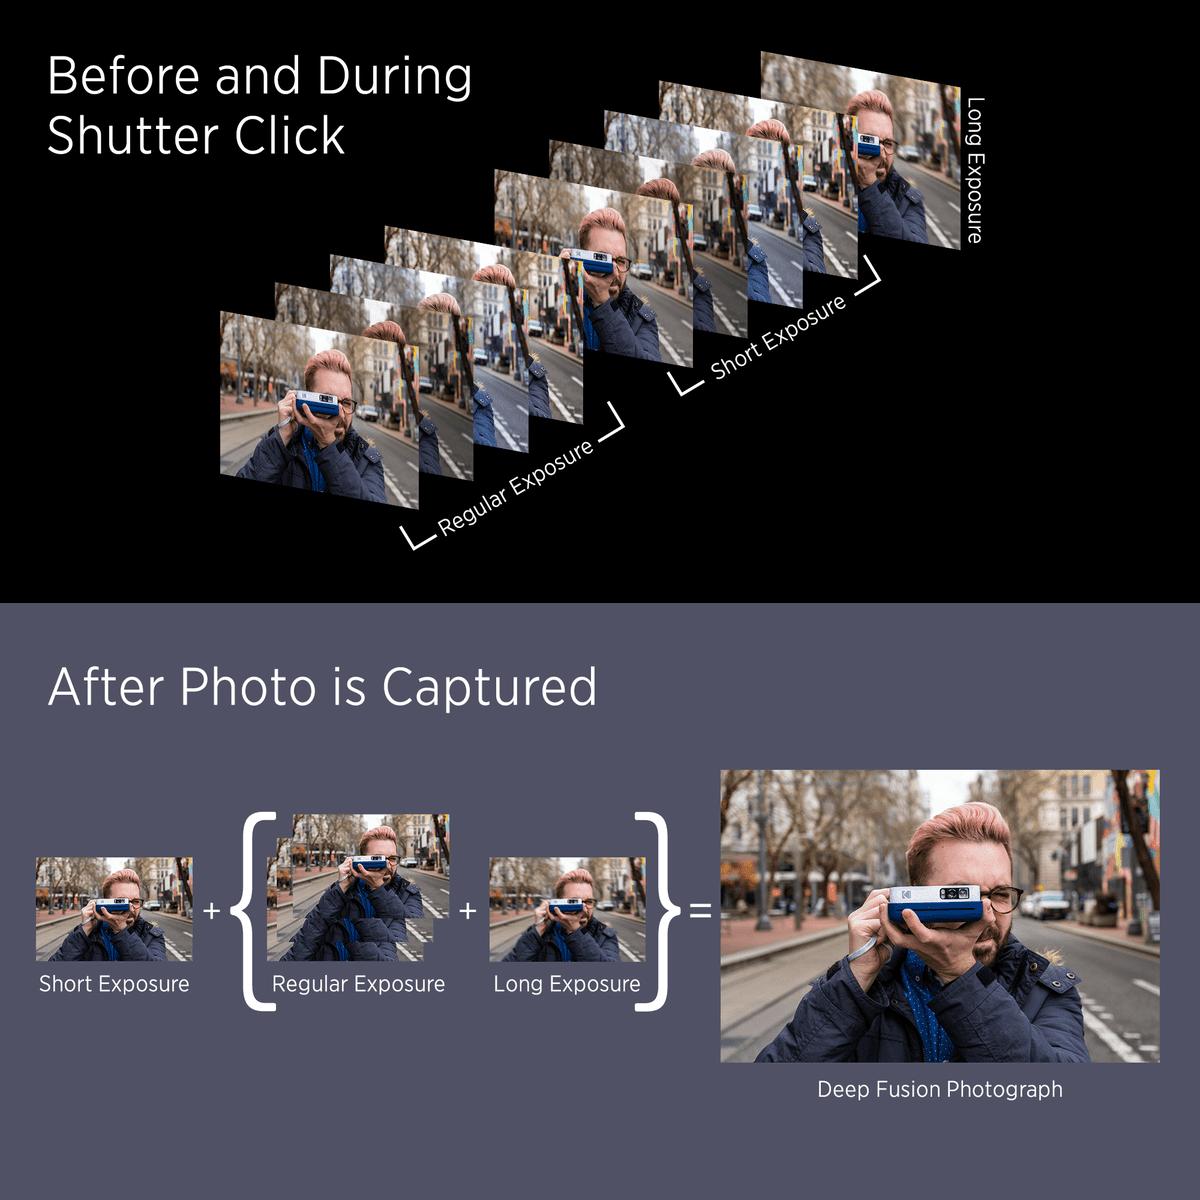 ما هي ميزة Deep Fusion وكيف تعمل وكيف تبدو الصورة بدونها